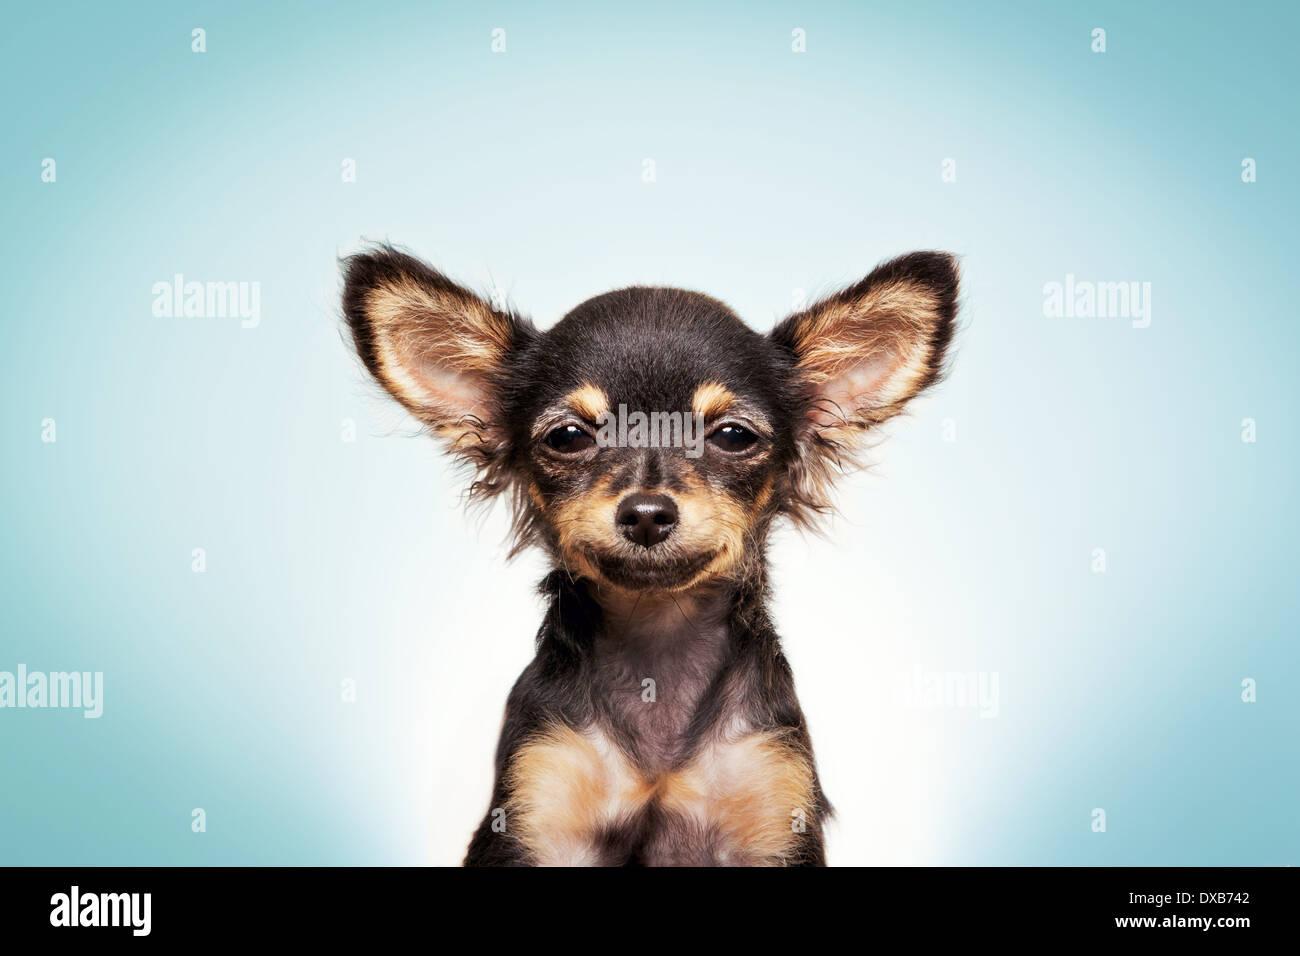 Chihuahua cane sorridente, fissando la fotocamera. Immagini Stock